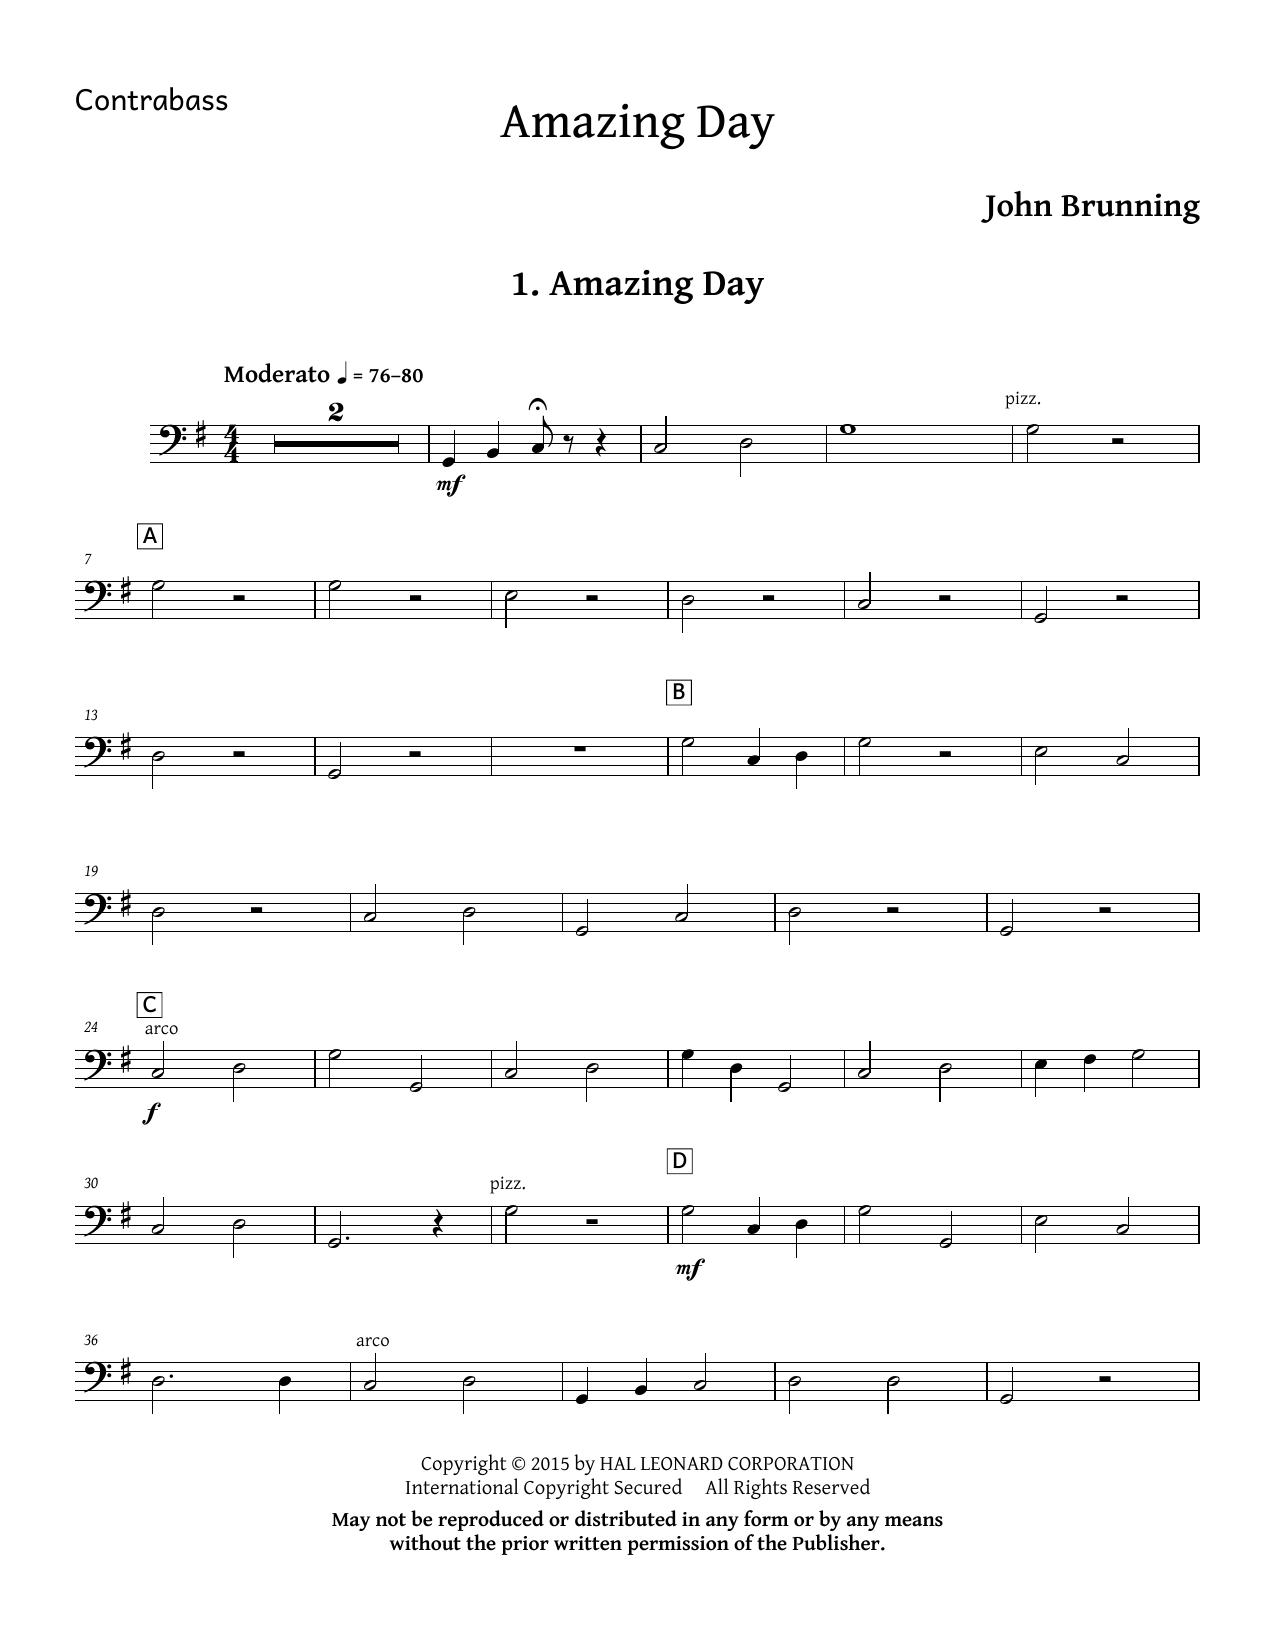 Amazing Day - Double Bass Sheet Music